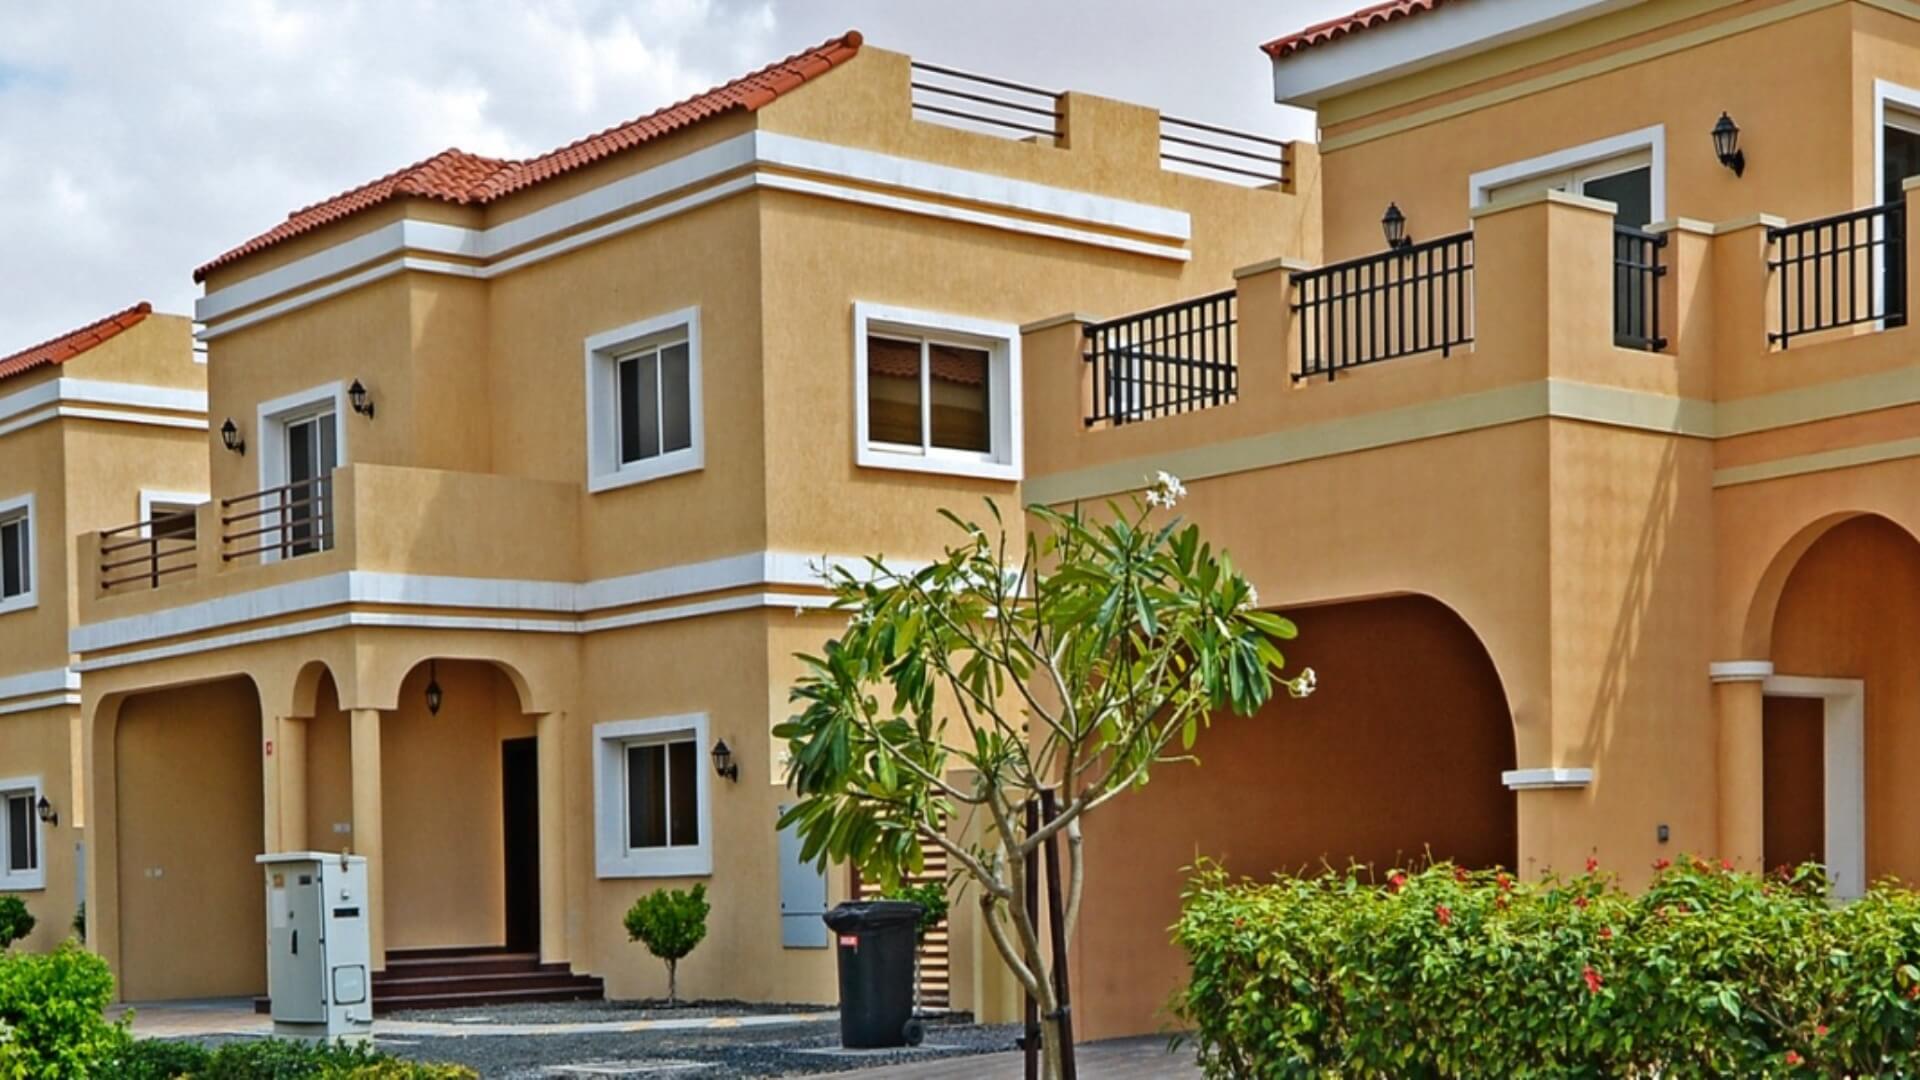 Villa en venta en Dubai, EAU, 6 dormitorios, 1161 m2, № 24359 – foto 6